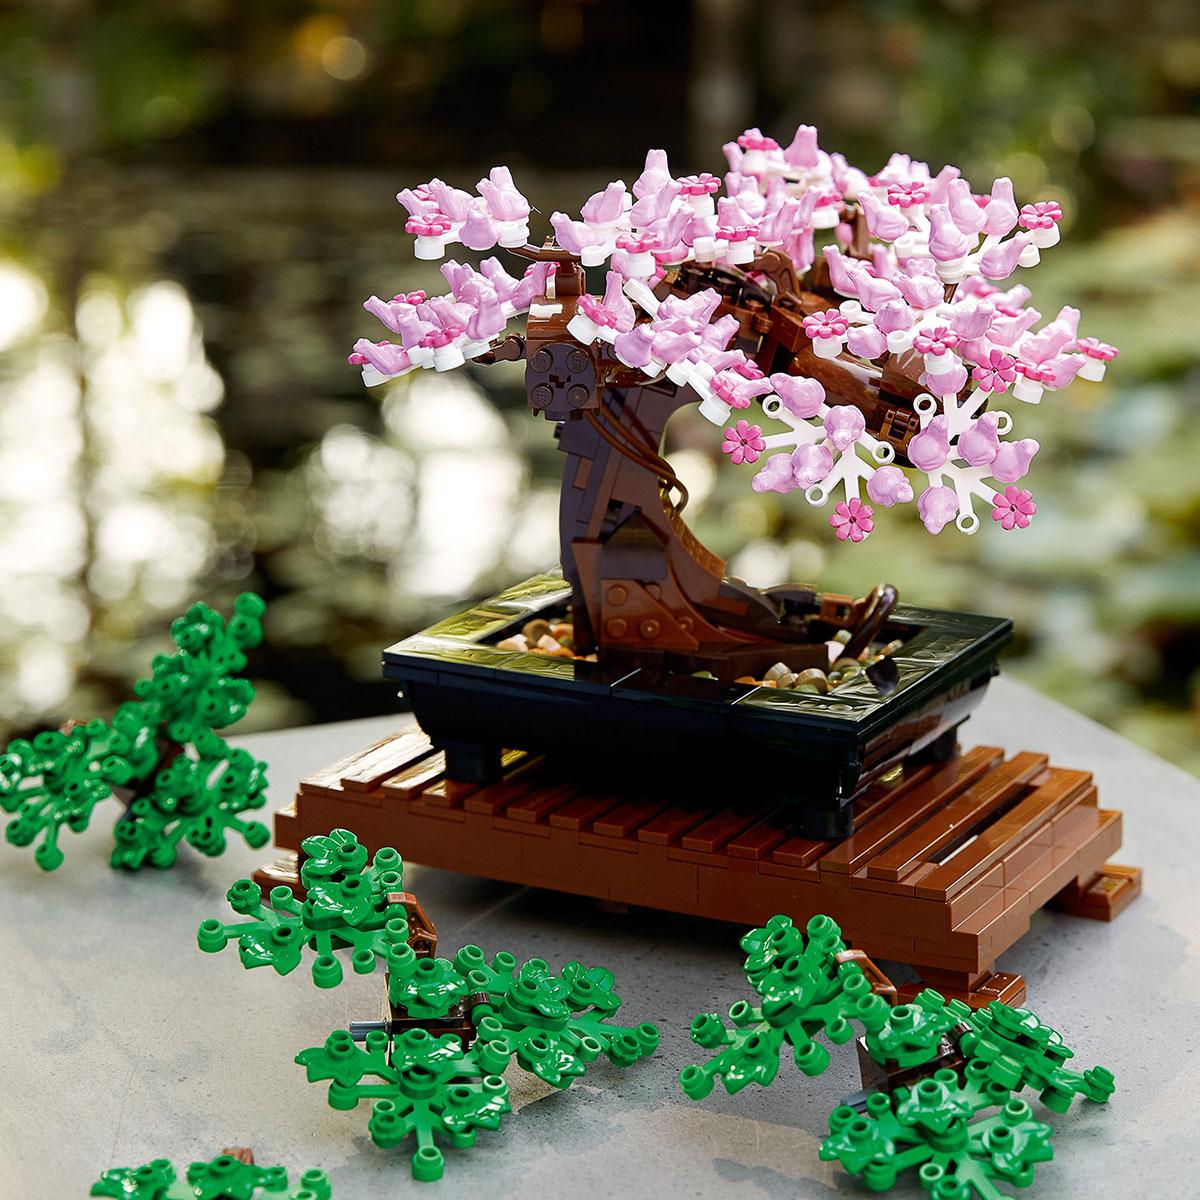 Brickfinder Lego Botanical Collection Official Images And Designer Video